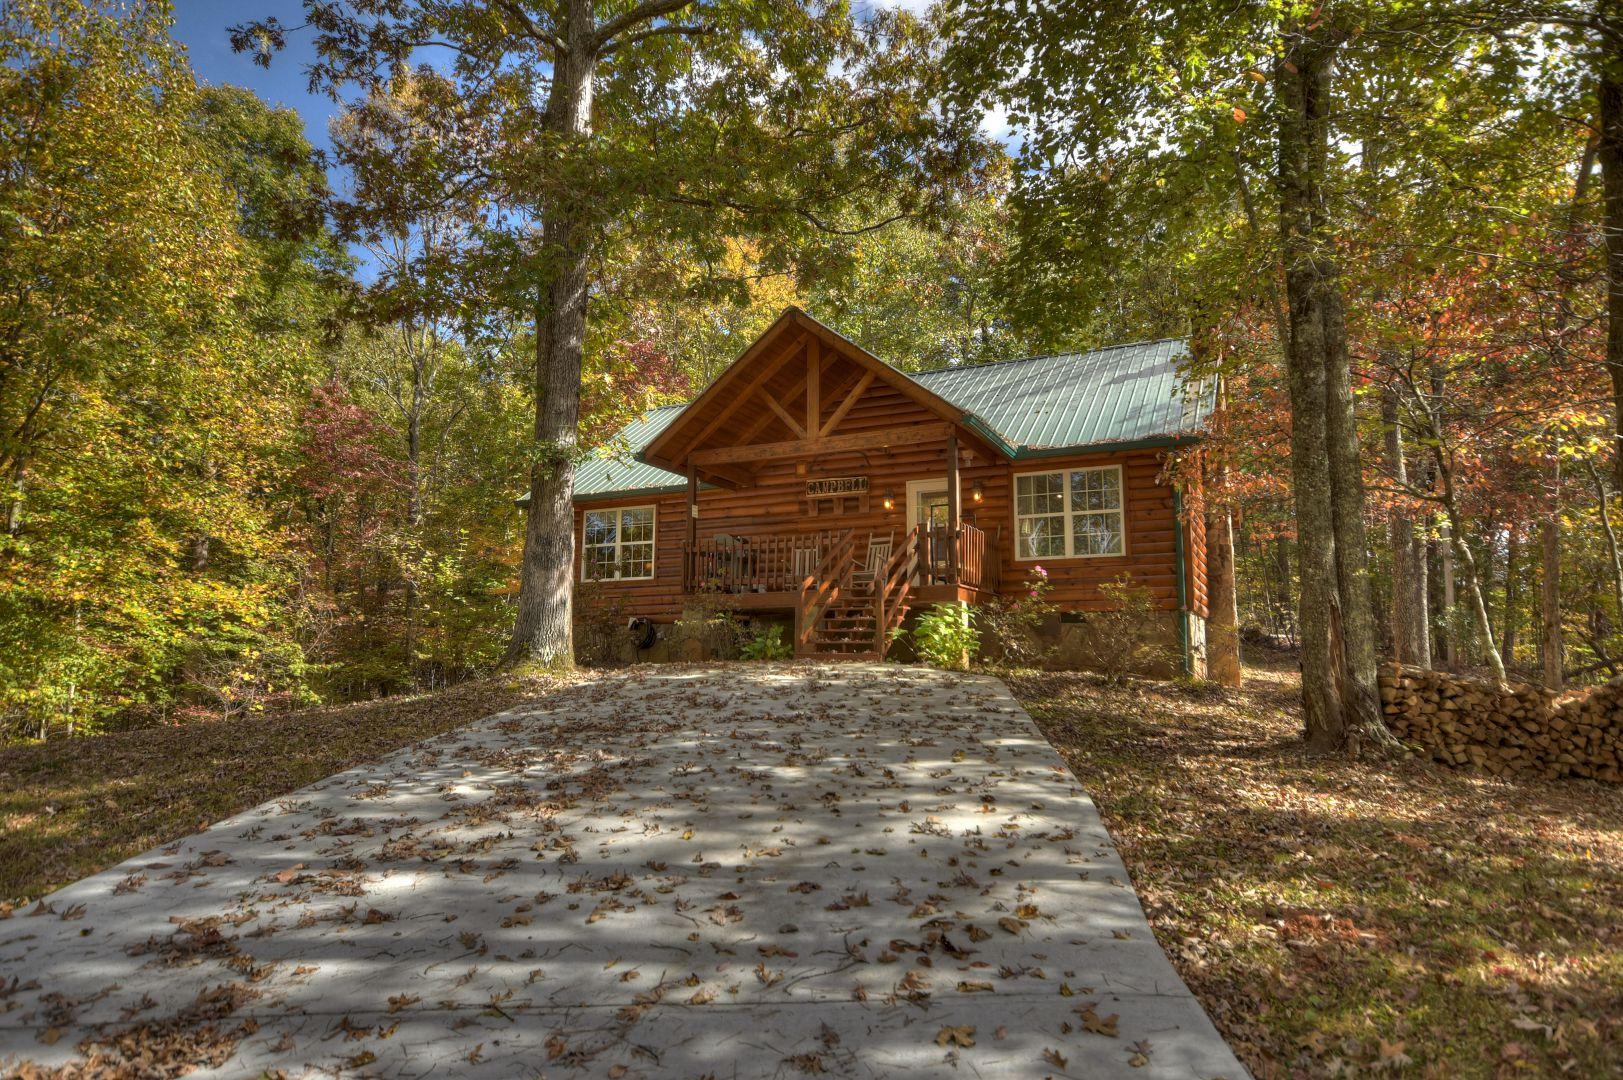 Campbells Cozy Cabin Rental Cabin